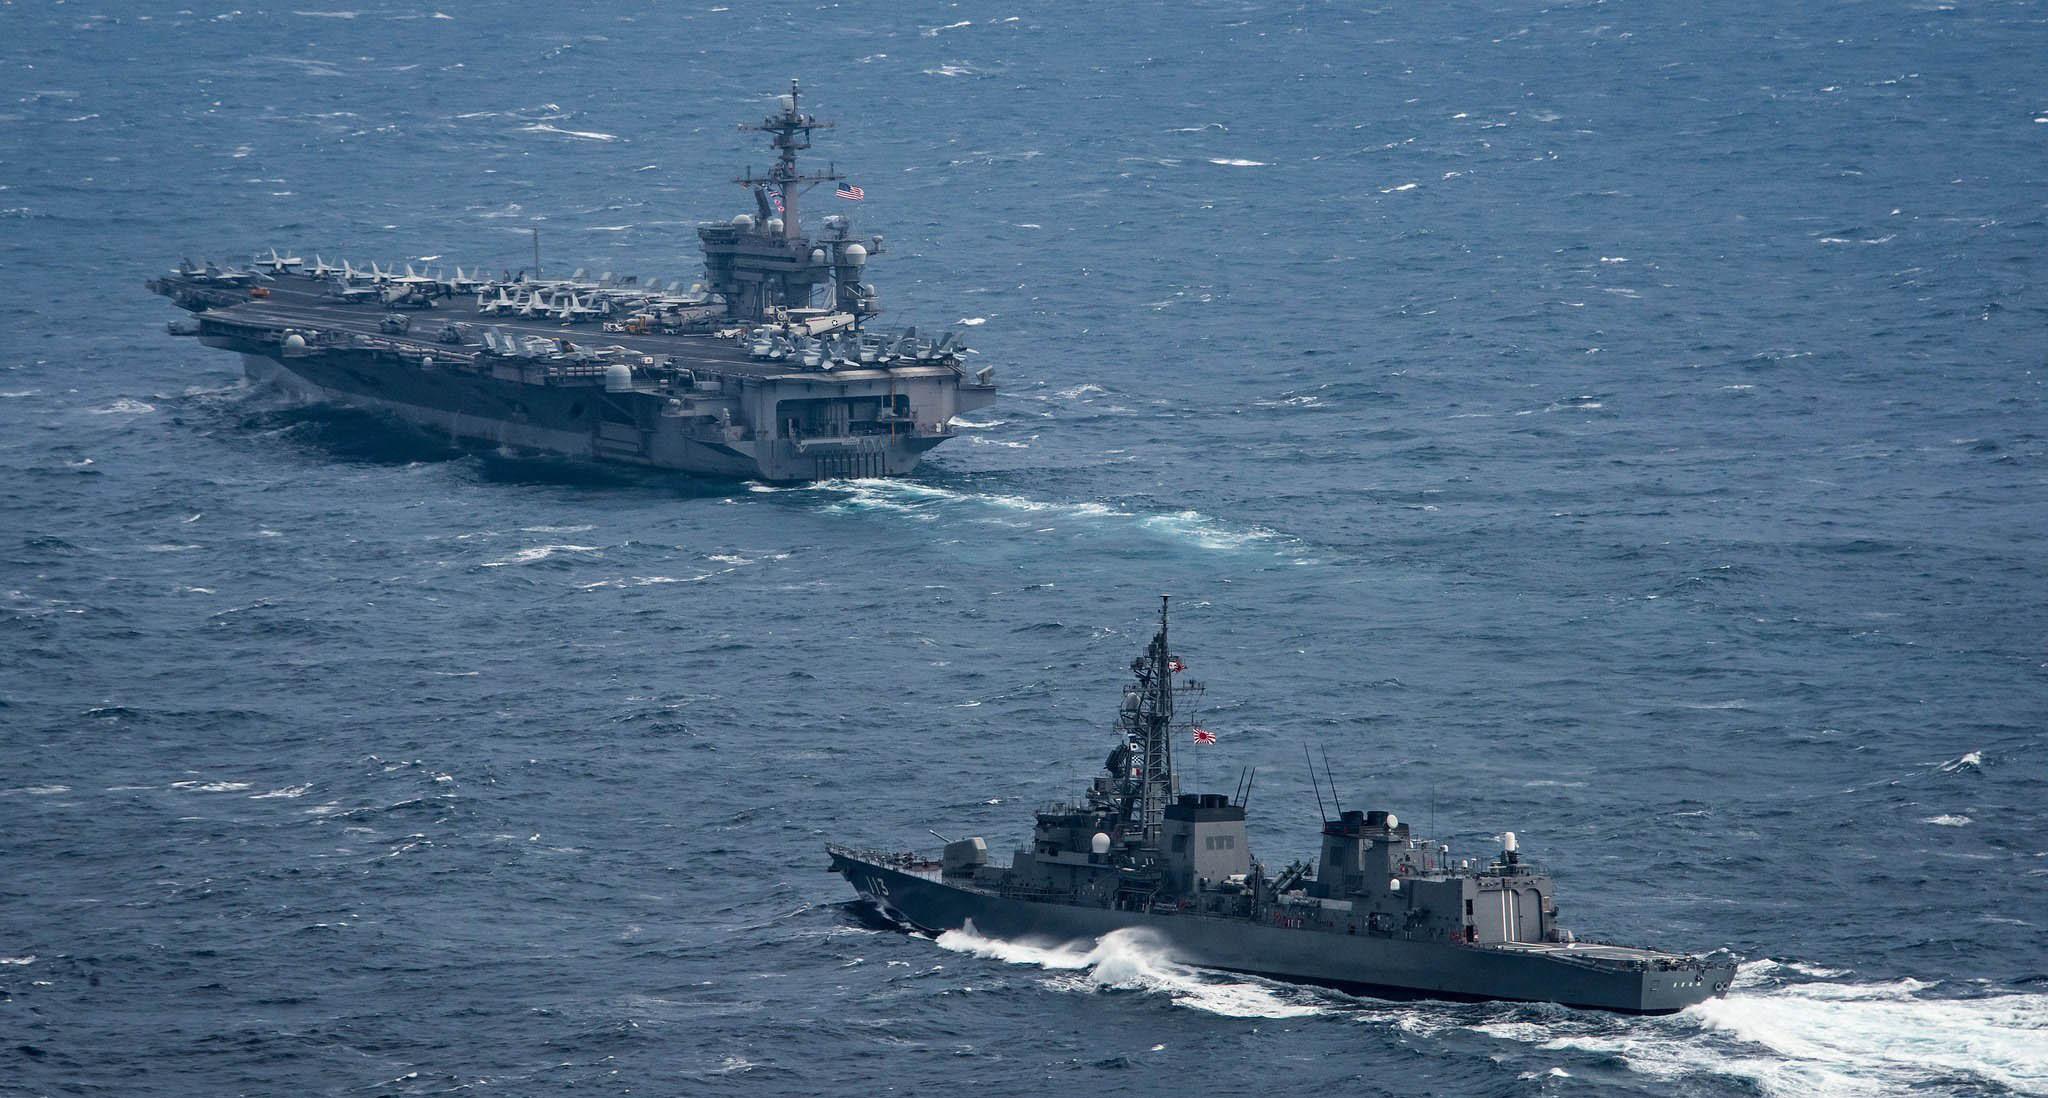 美军航母航行至中国东海 日本军舰随行